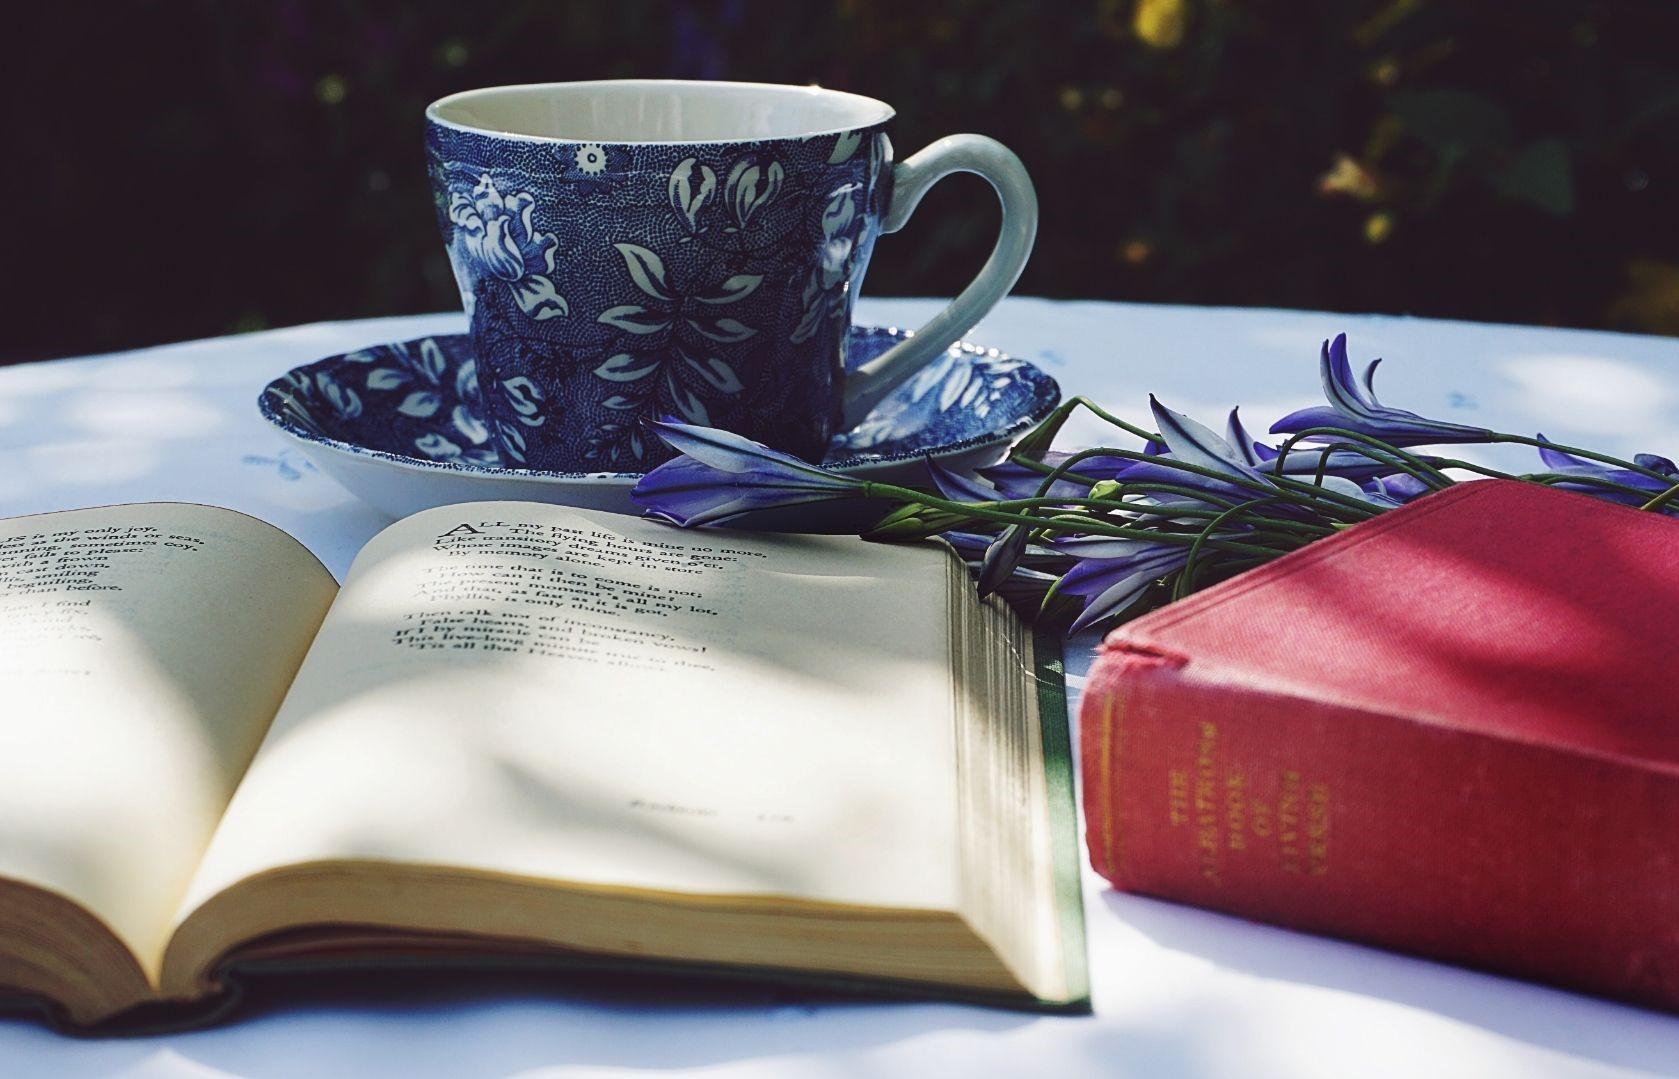 21 mai 2021 : Pause café auteurs/éditeur de poésie